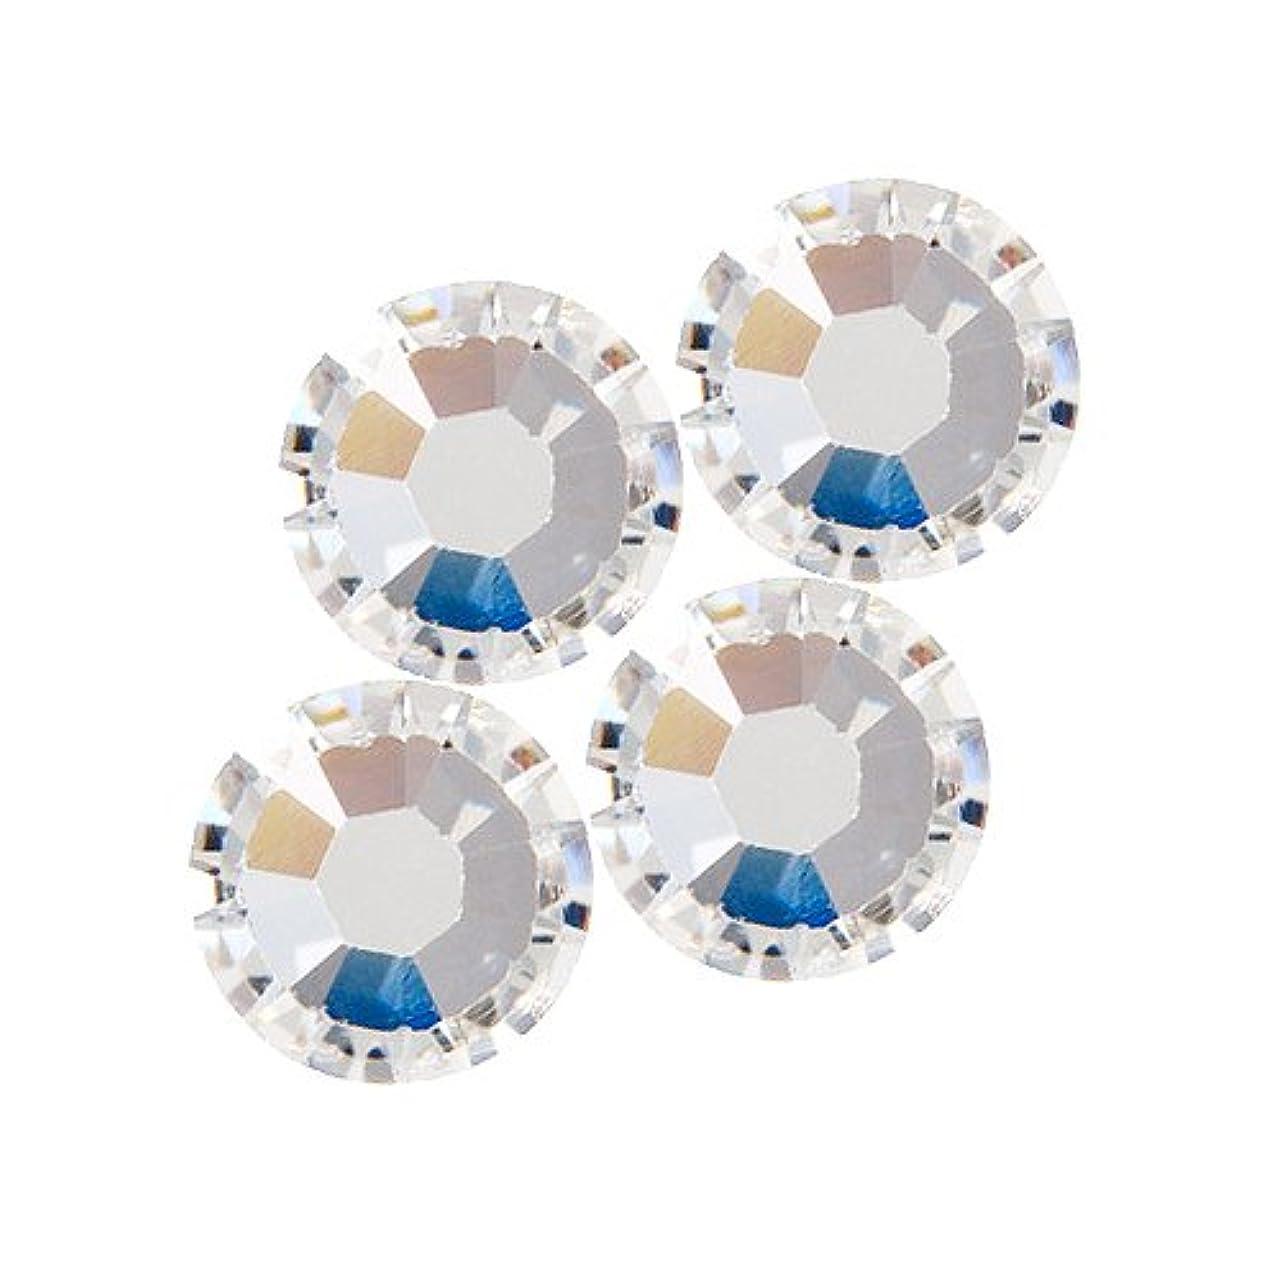 色合い発見名門バイナル DIAMOND RHINESTONE  クリスタル SS8 1440粒 ST-SS8-CRY-10G